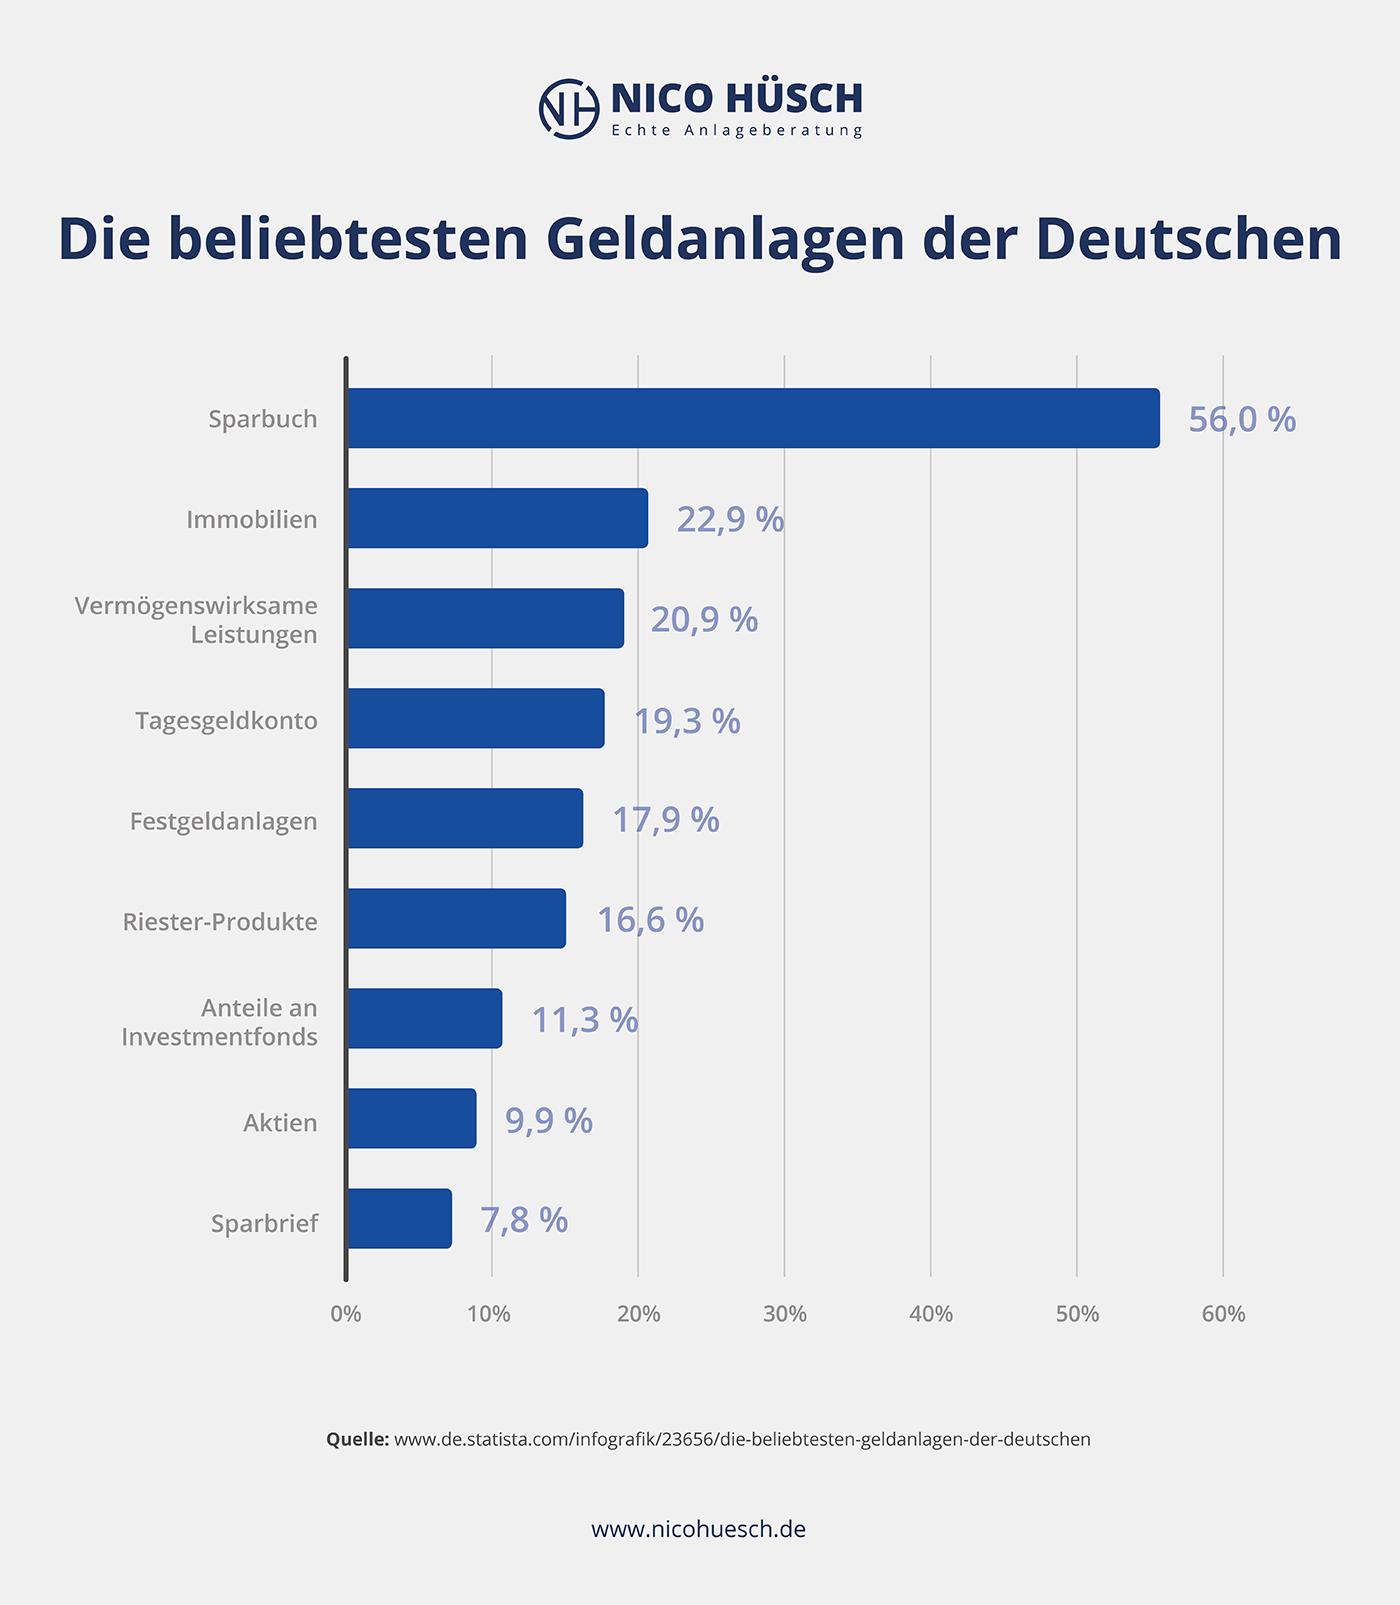 Grafik belibteste Geldanlage der Deutschen